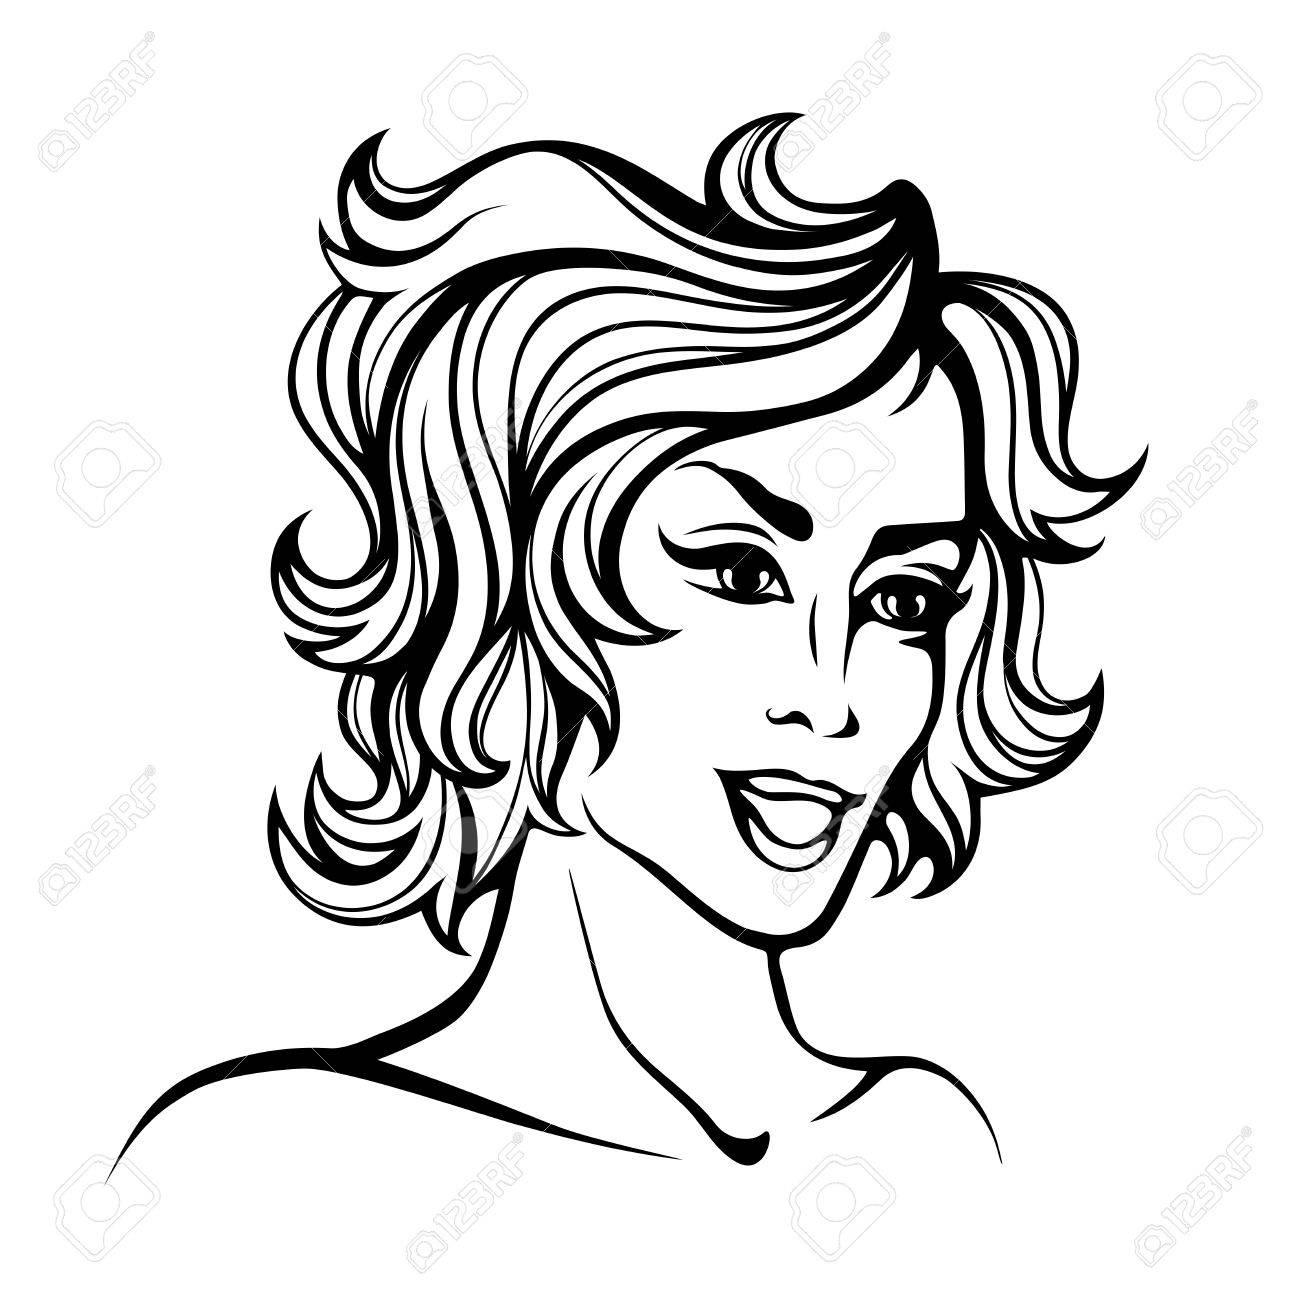 Short Curly Hair Drawing At Getdrawings